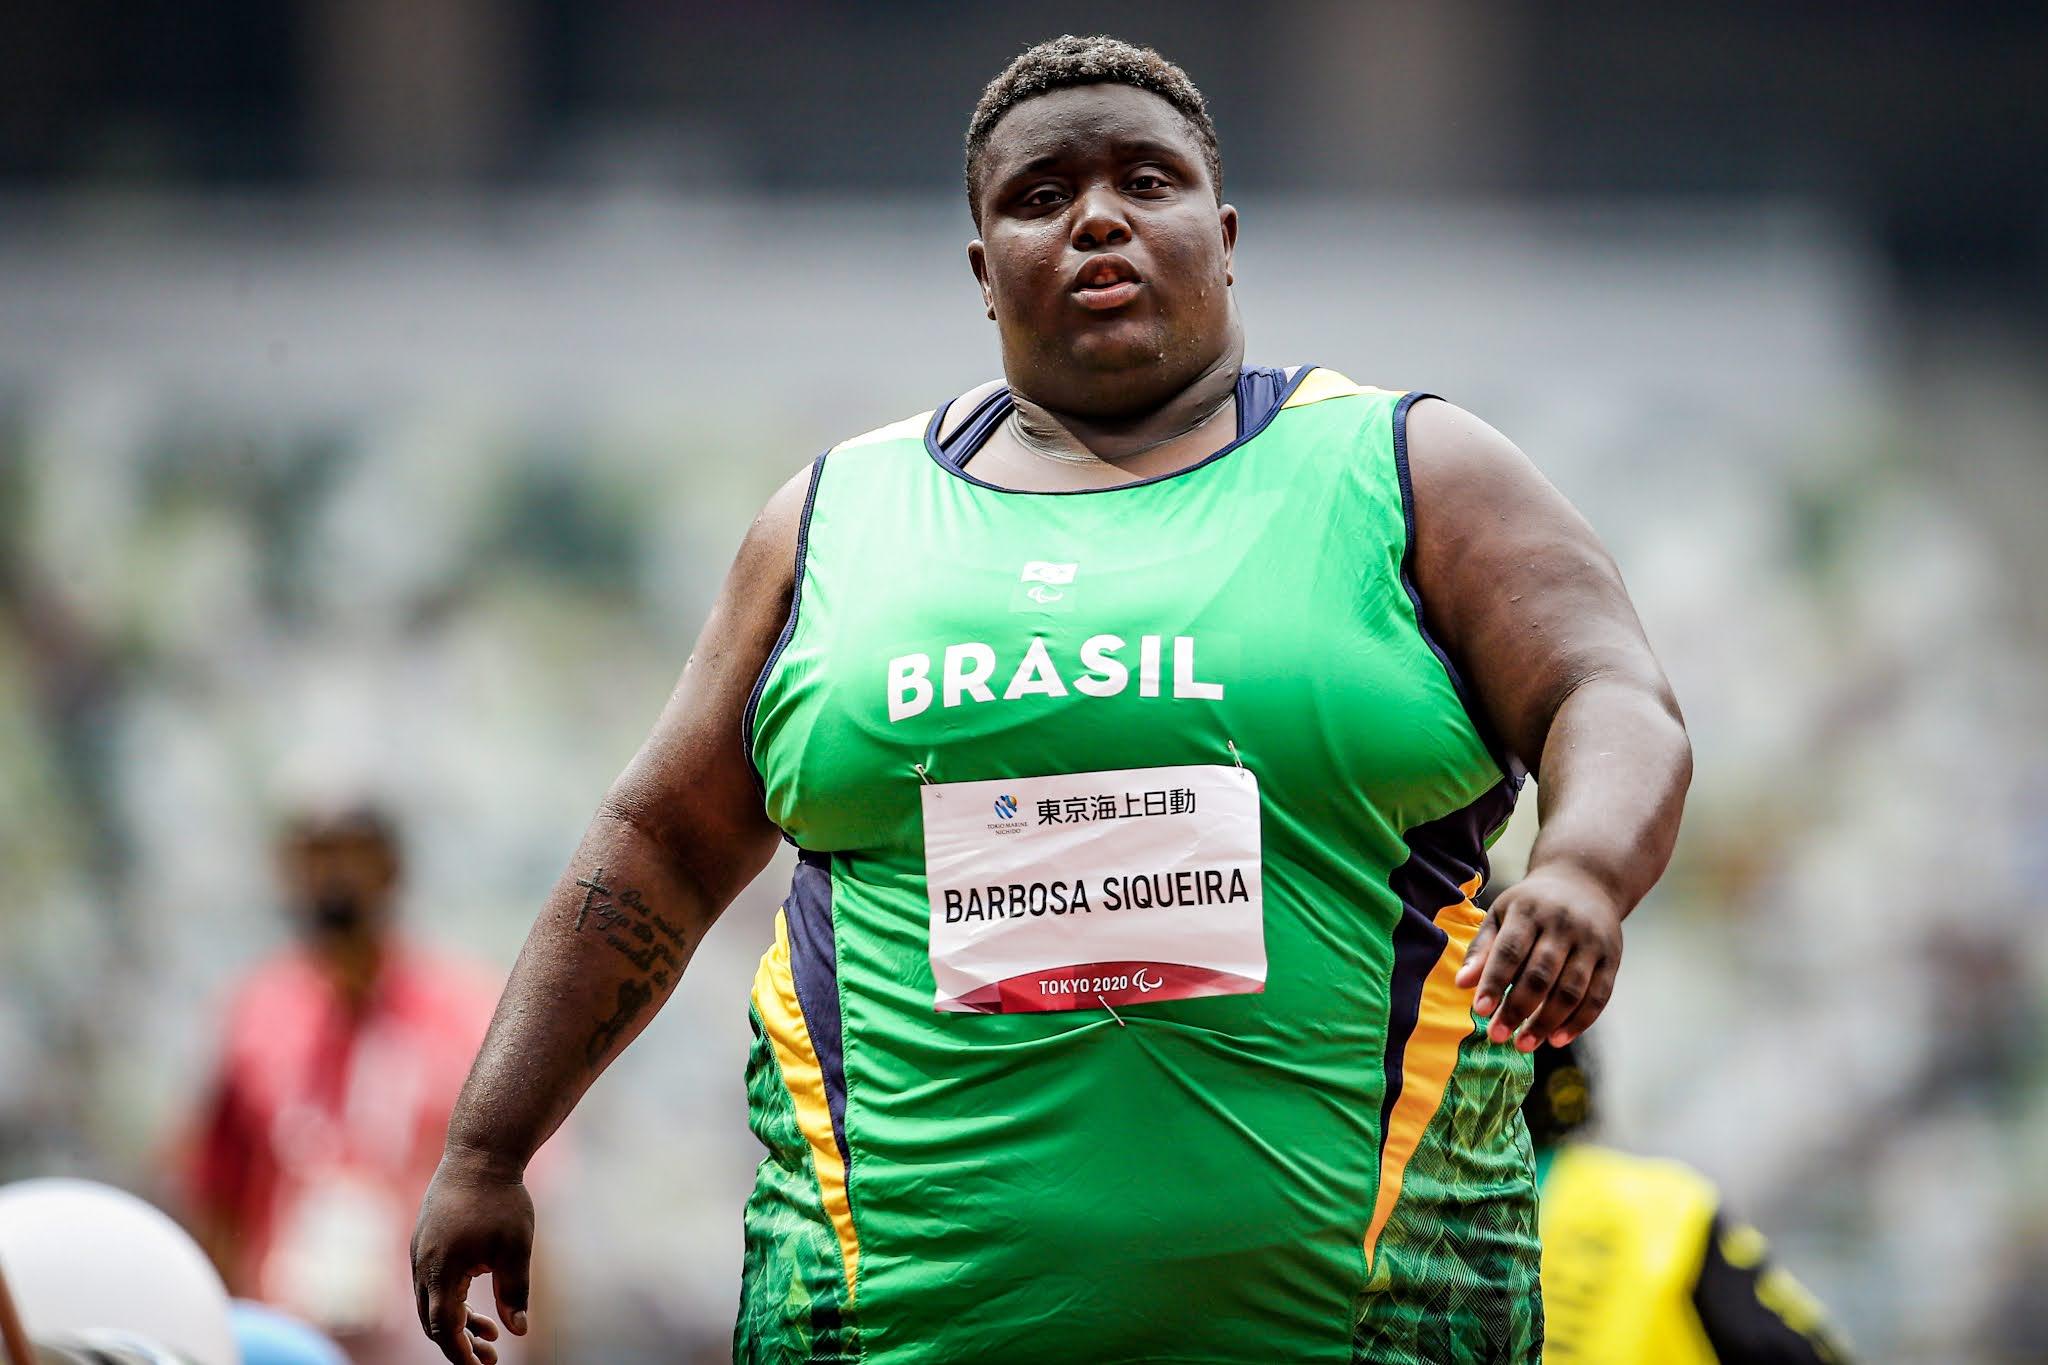 Tuany Priscila, negra e cabelo curto, veste verde, o uniforme do time brasileiro de atletismo